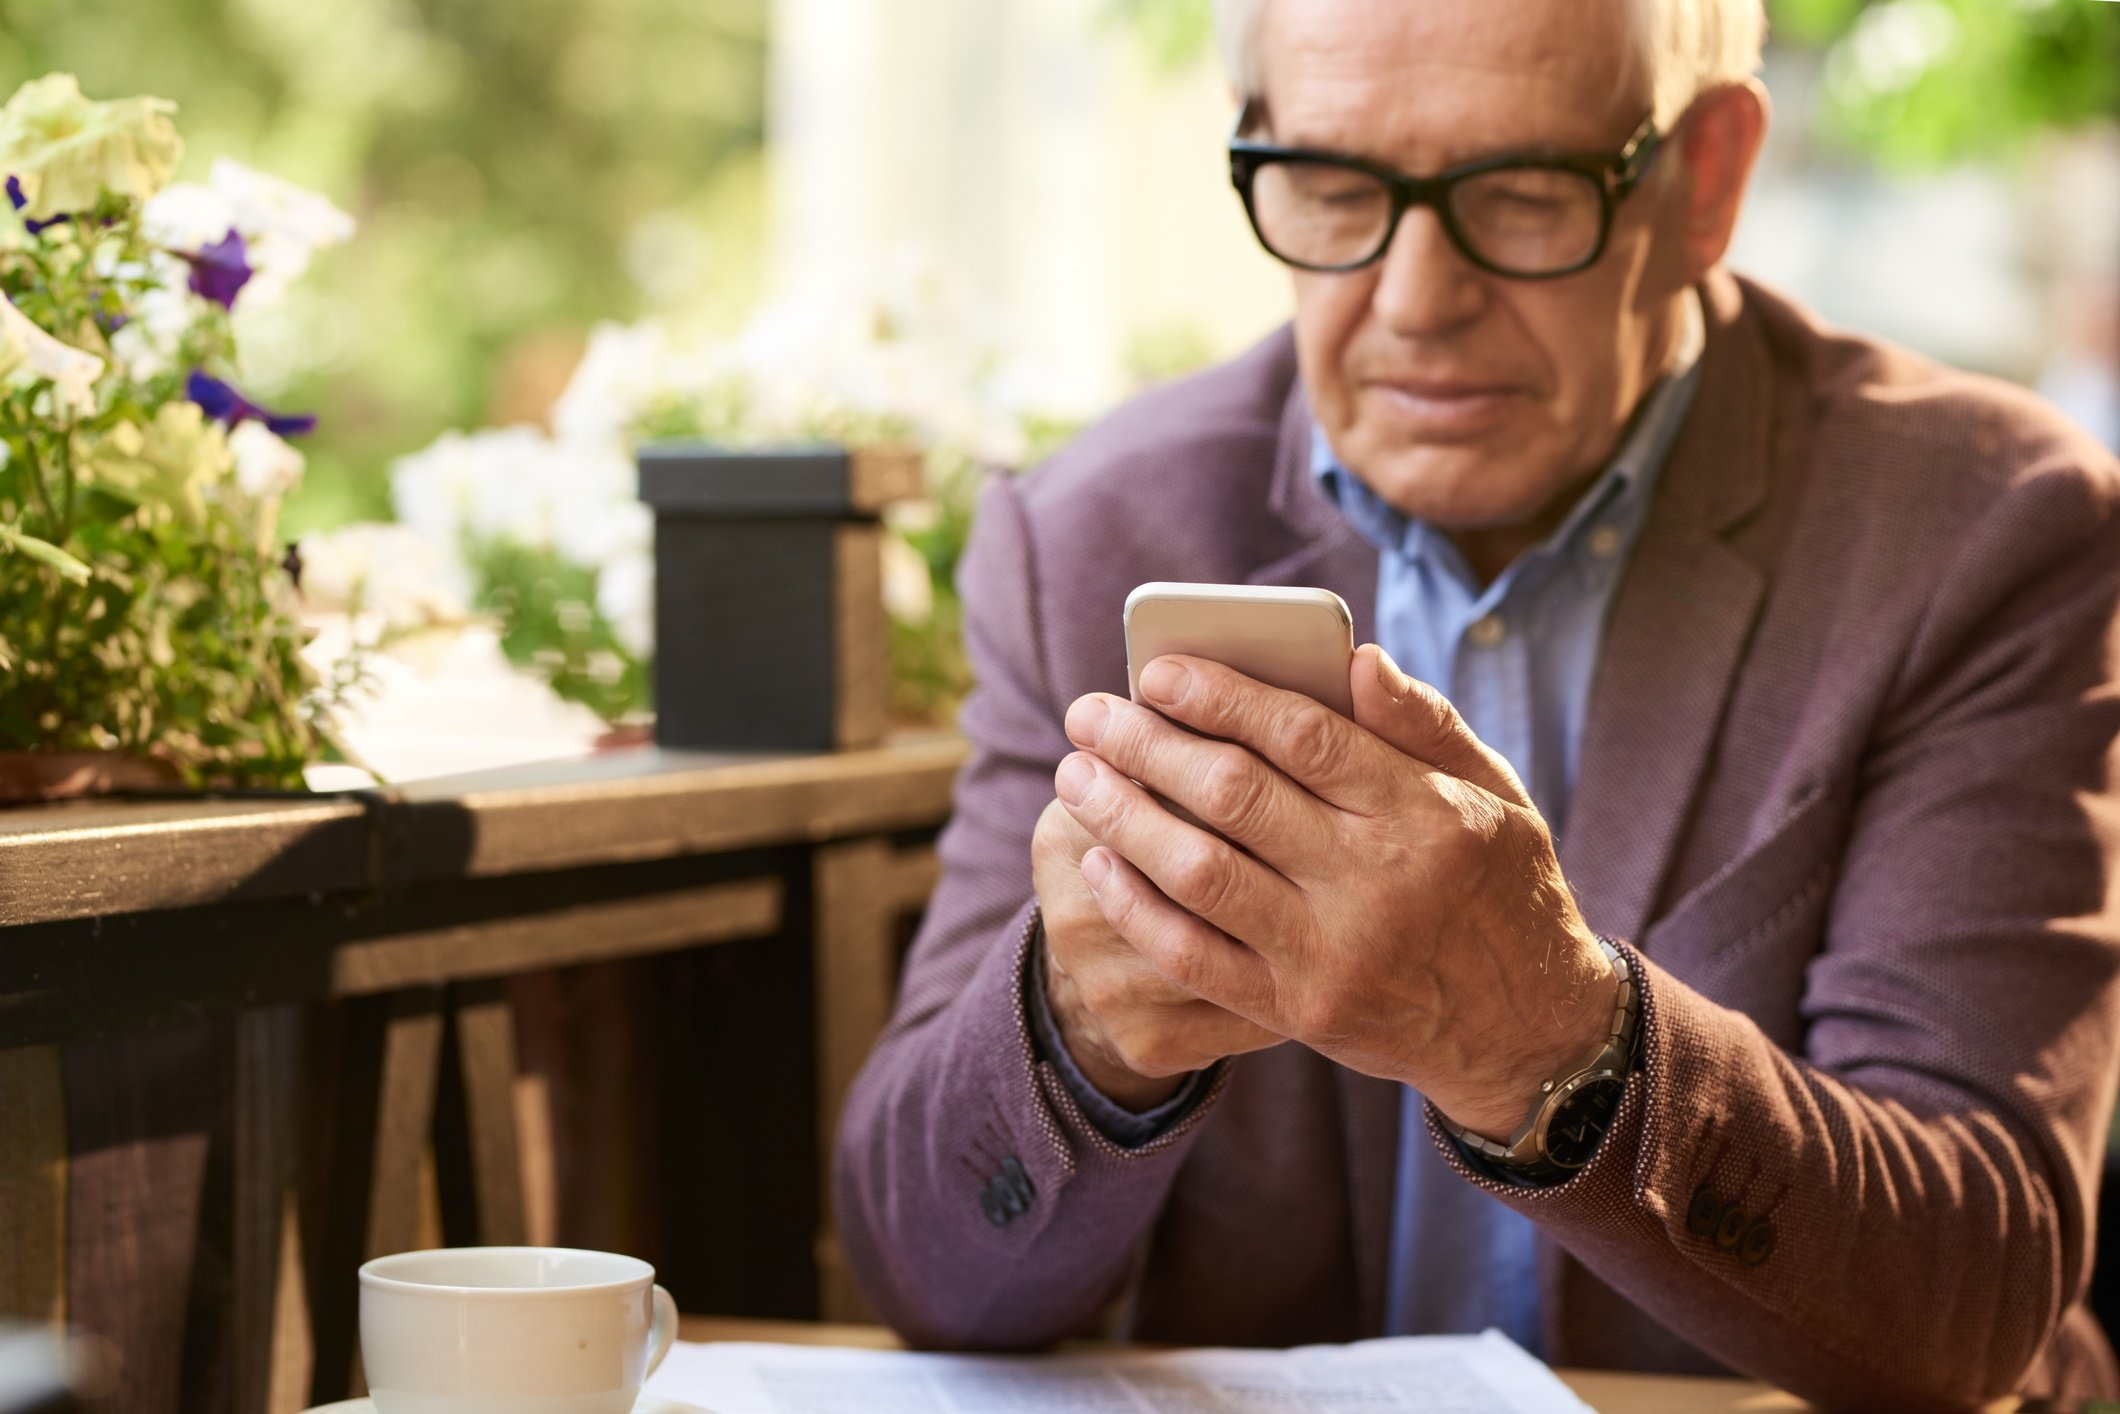 دادههای آماری از افزایش تعداد کاربران سالمند گوشیهای هوشمند خبر میدهند